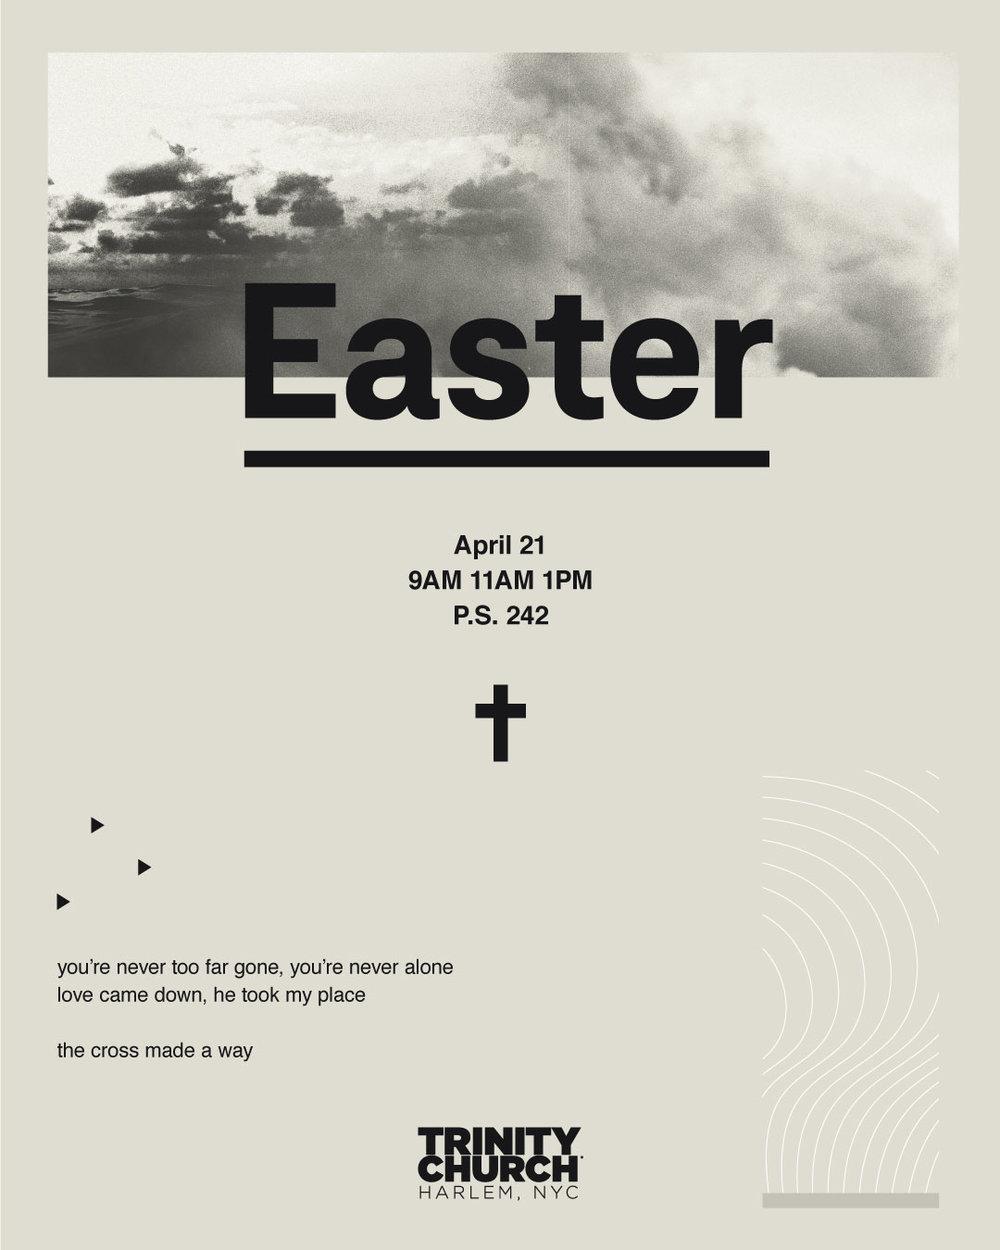 Easter_Social_Feed_03.jpg